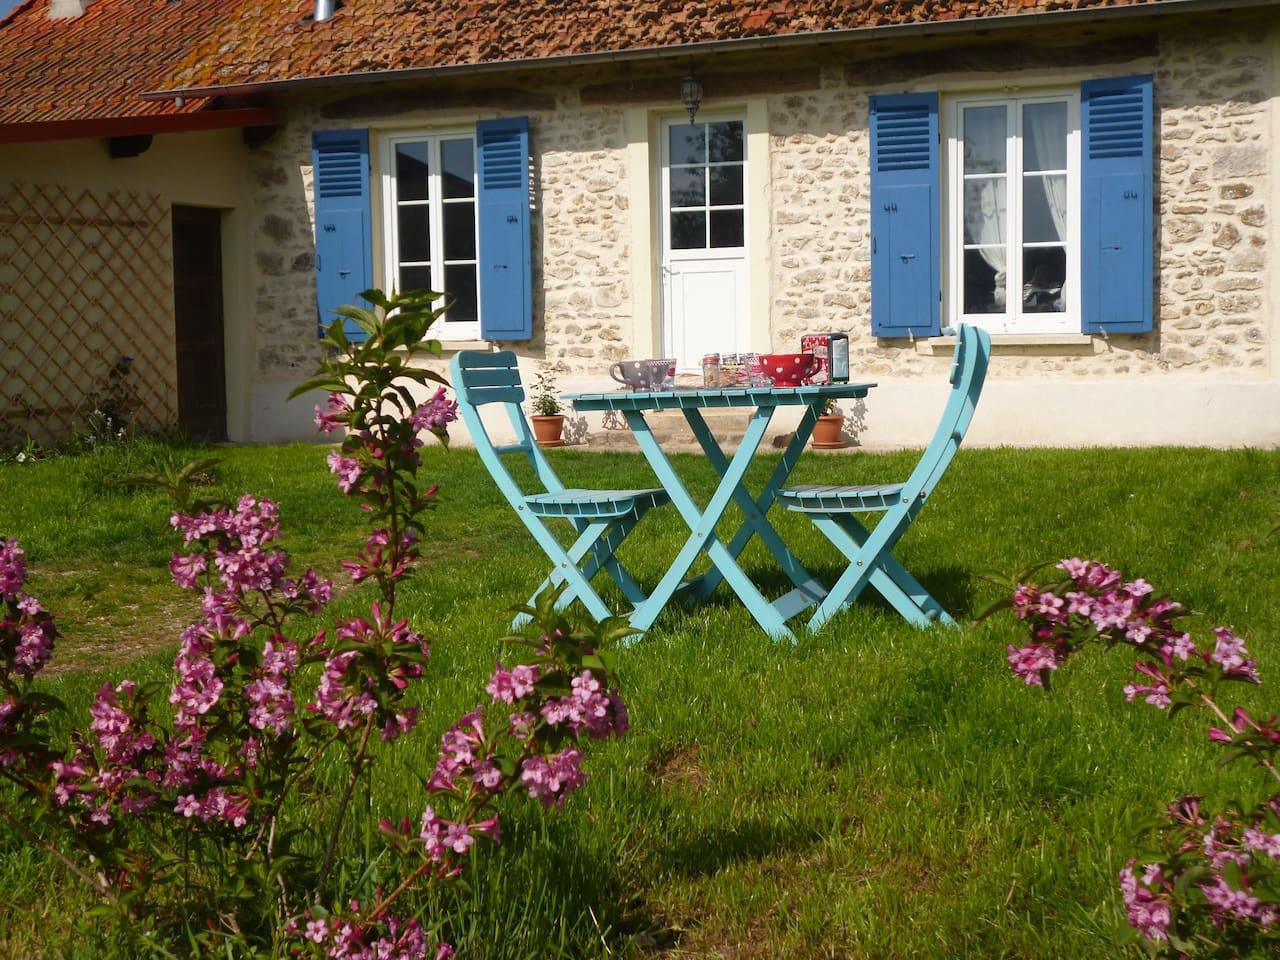 The house and Your part of the garden/ votre partie du jardin